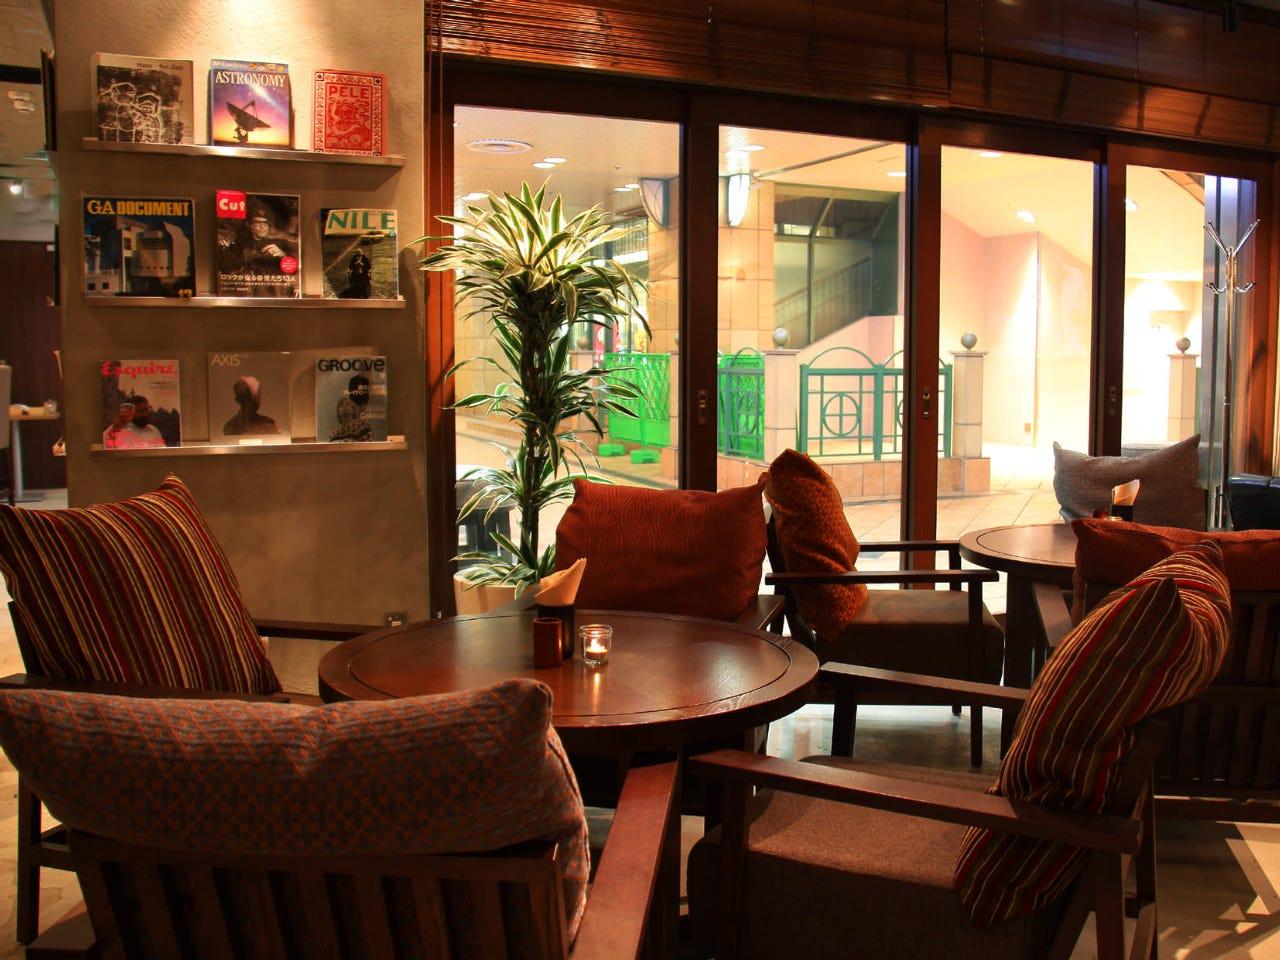 おしゃれランチ・ディナーに!池袋のおすすめカフェ6選の画像